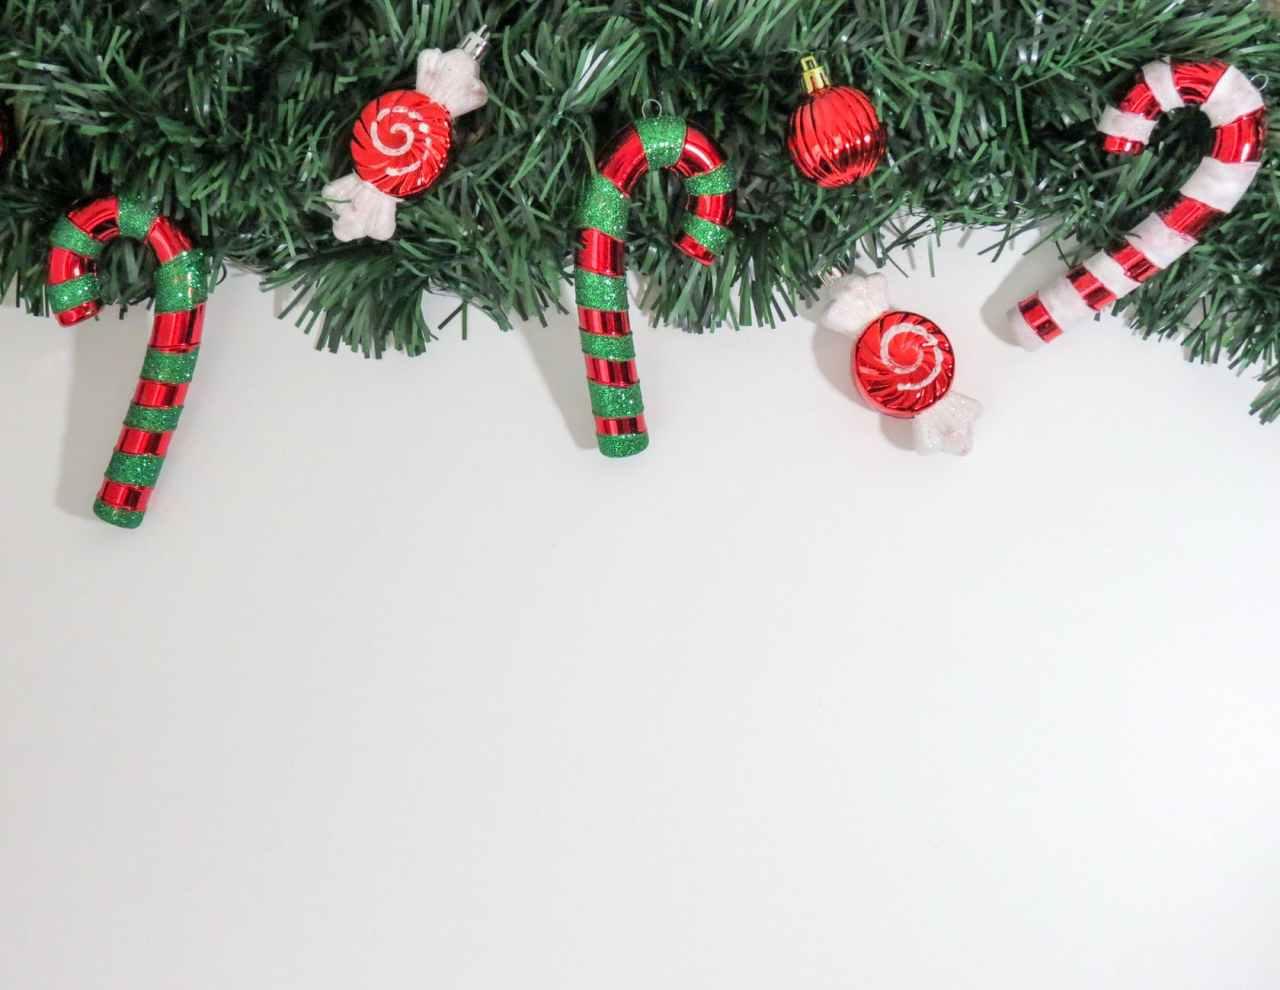 Ψαλίδι στο δώρο Χριστουγέννων σε χιλιάδεςεργαζομένους